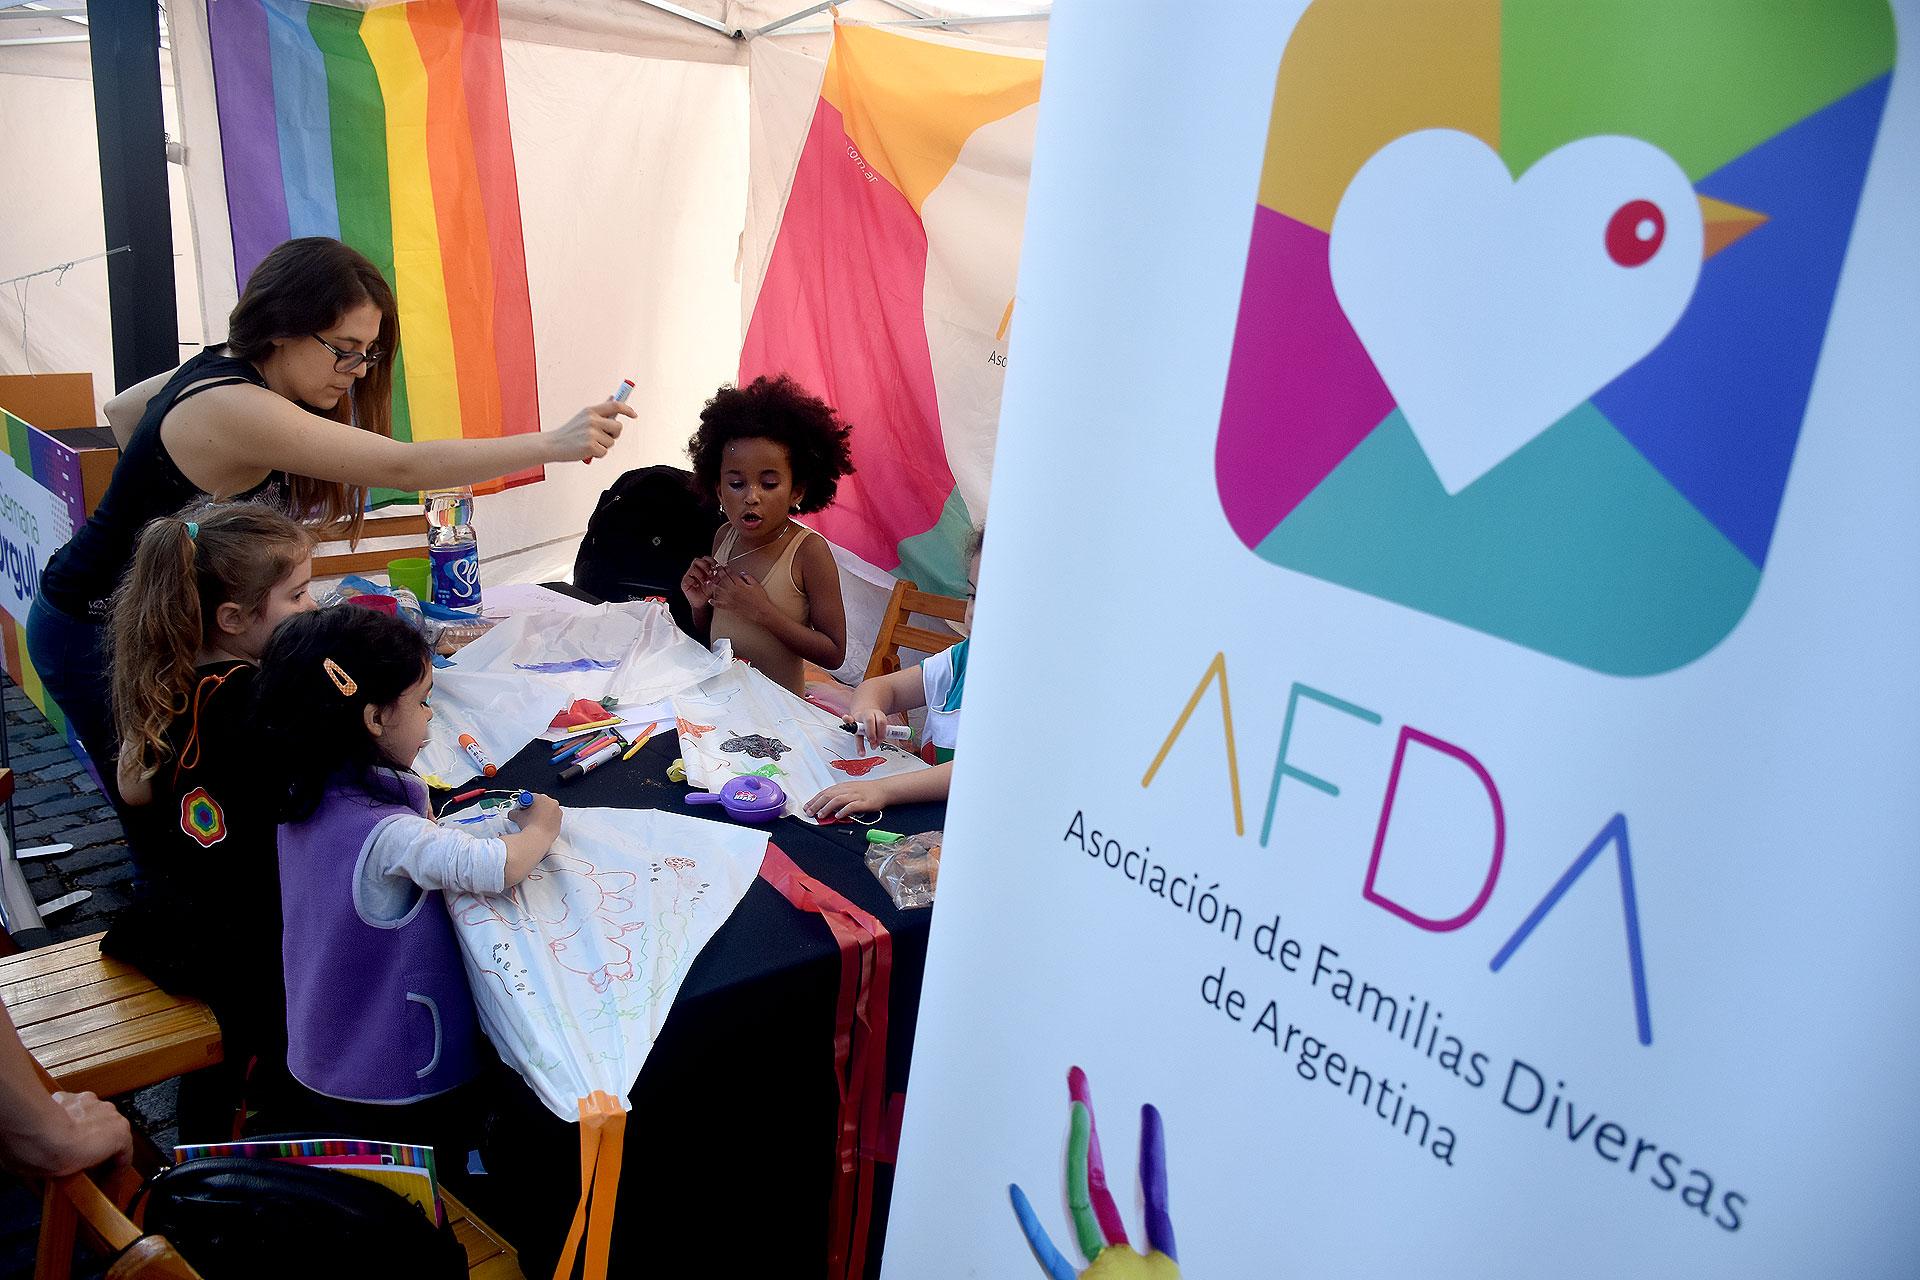 La Asociación de Familias Diversas de Argentina (AFDA), una de las organizaciones que participó de la iniciativa